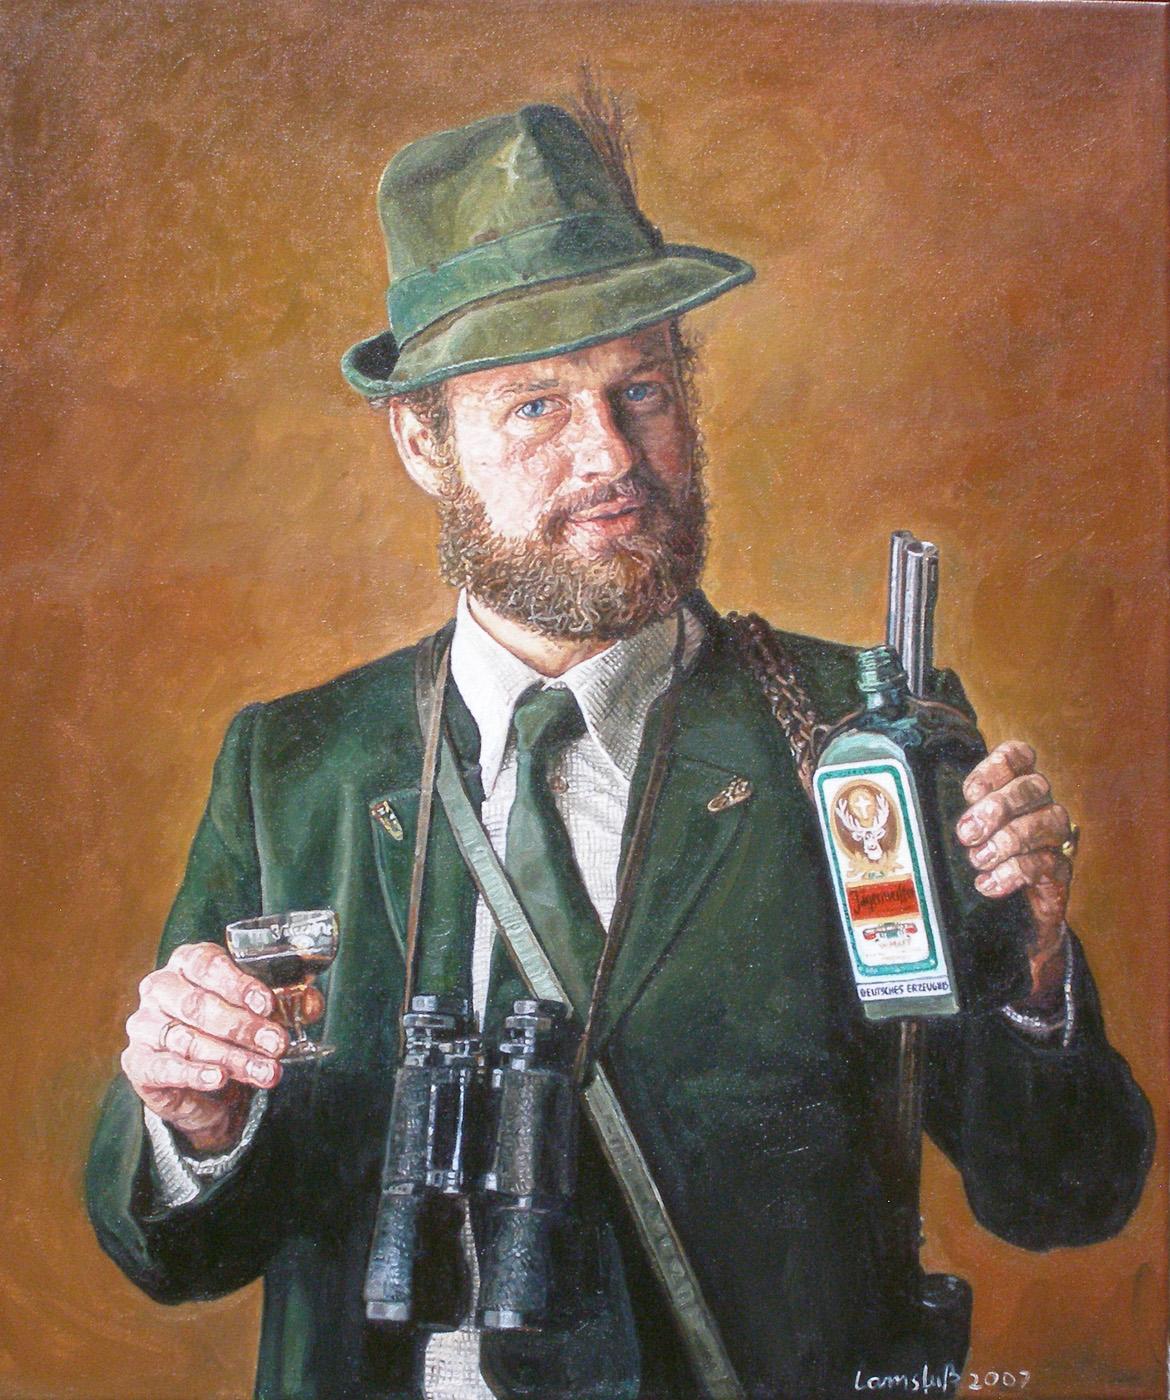 Ulrich Lamsfuss  J ägermeister. Einer für alle. Ich trinke Jägermeister, weil ich auf diesen Hirsch einen Bock habe. (Wild und Hund, 25.9.1977) , 2007 oil on canvas 27.56 x 23.62 inches 70 x 60 cm